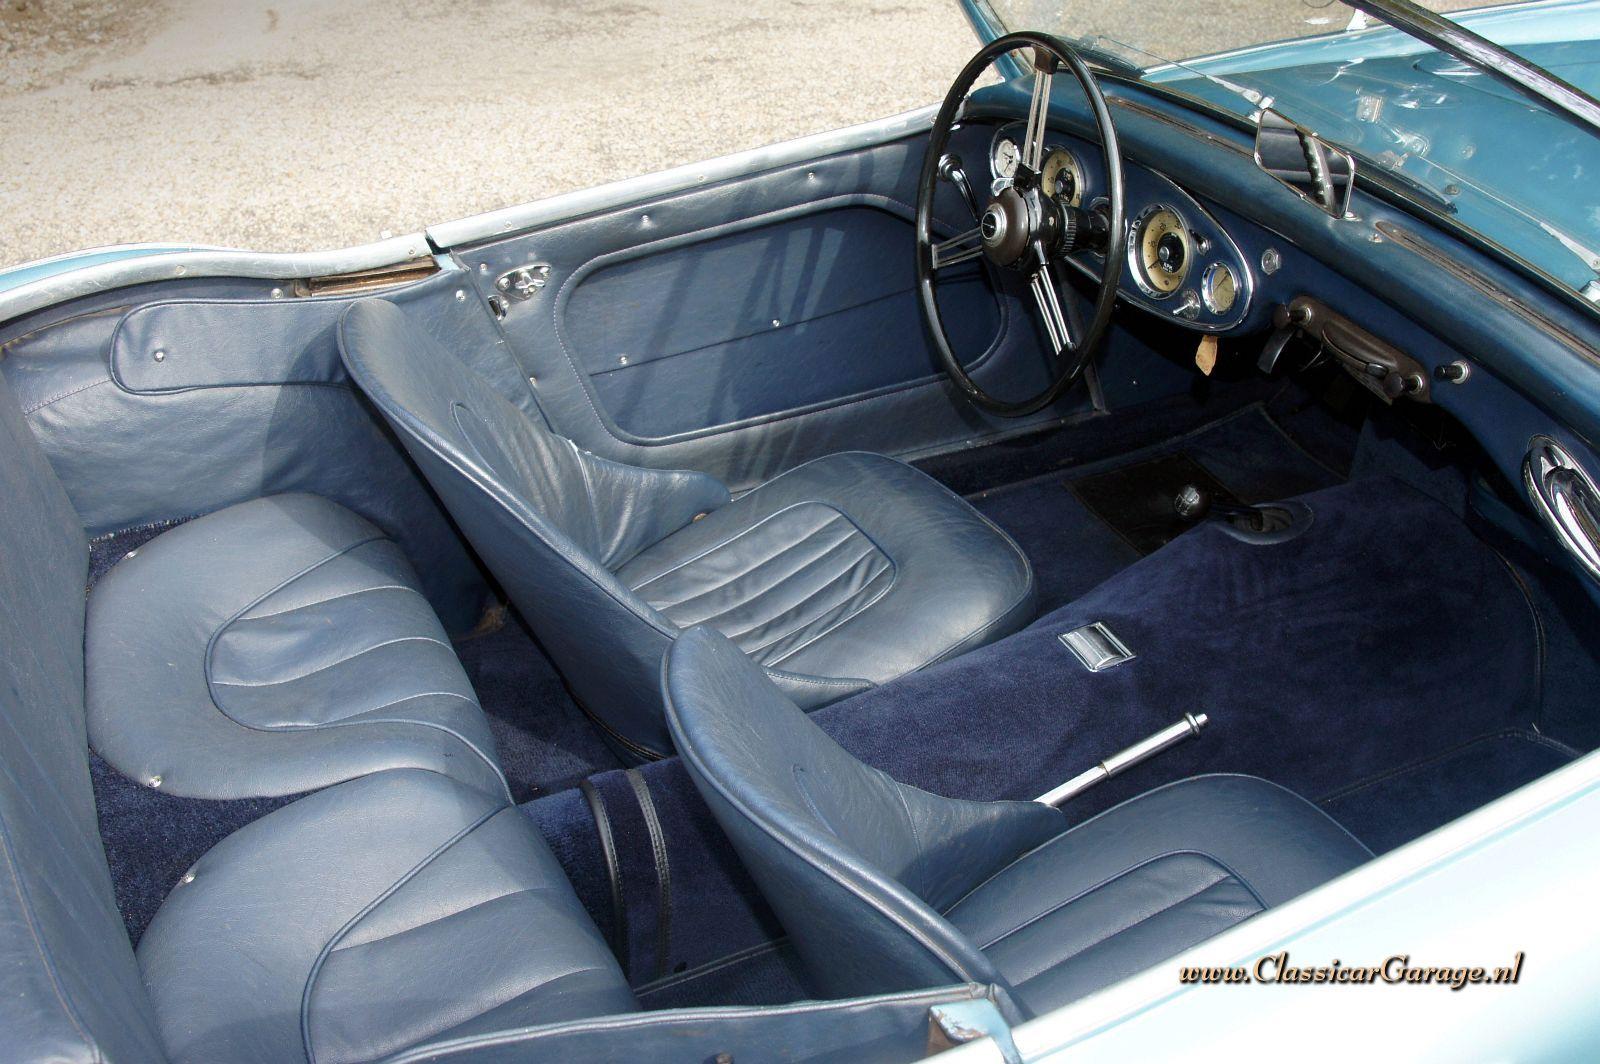 austin healey 100 6 bn 4 1958 details. Black Bedroom Furniture Sets. Home Design Ideas